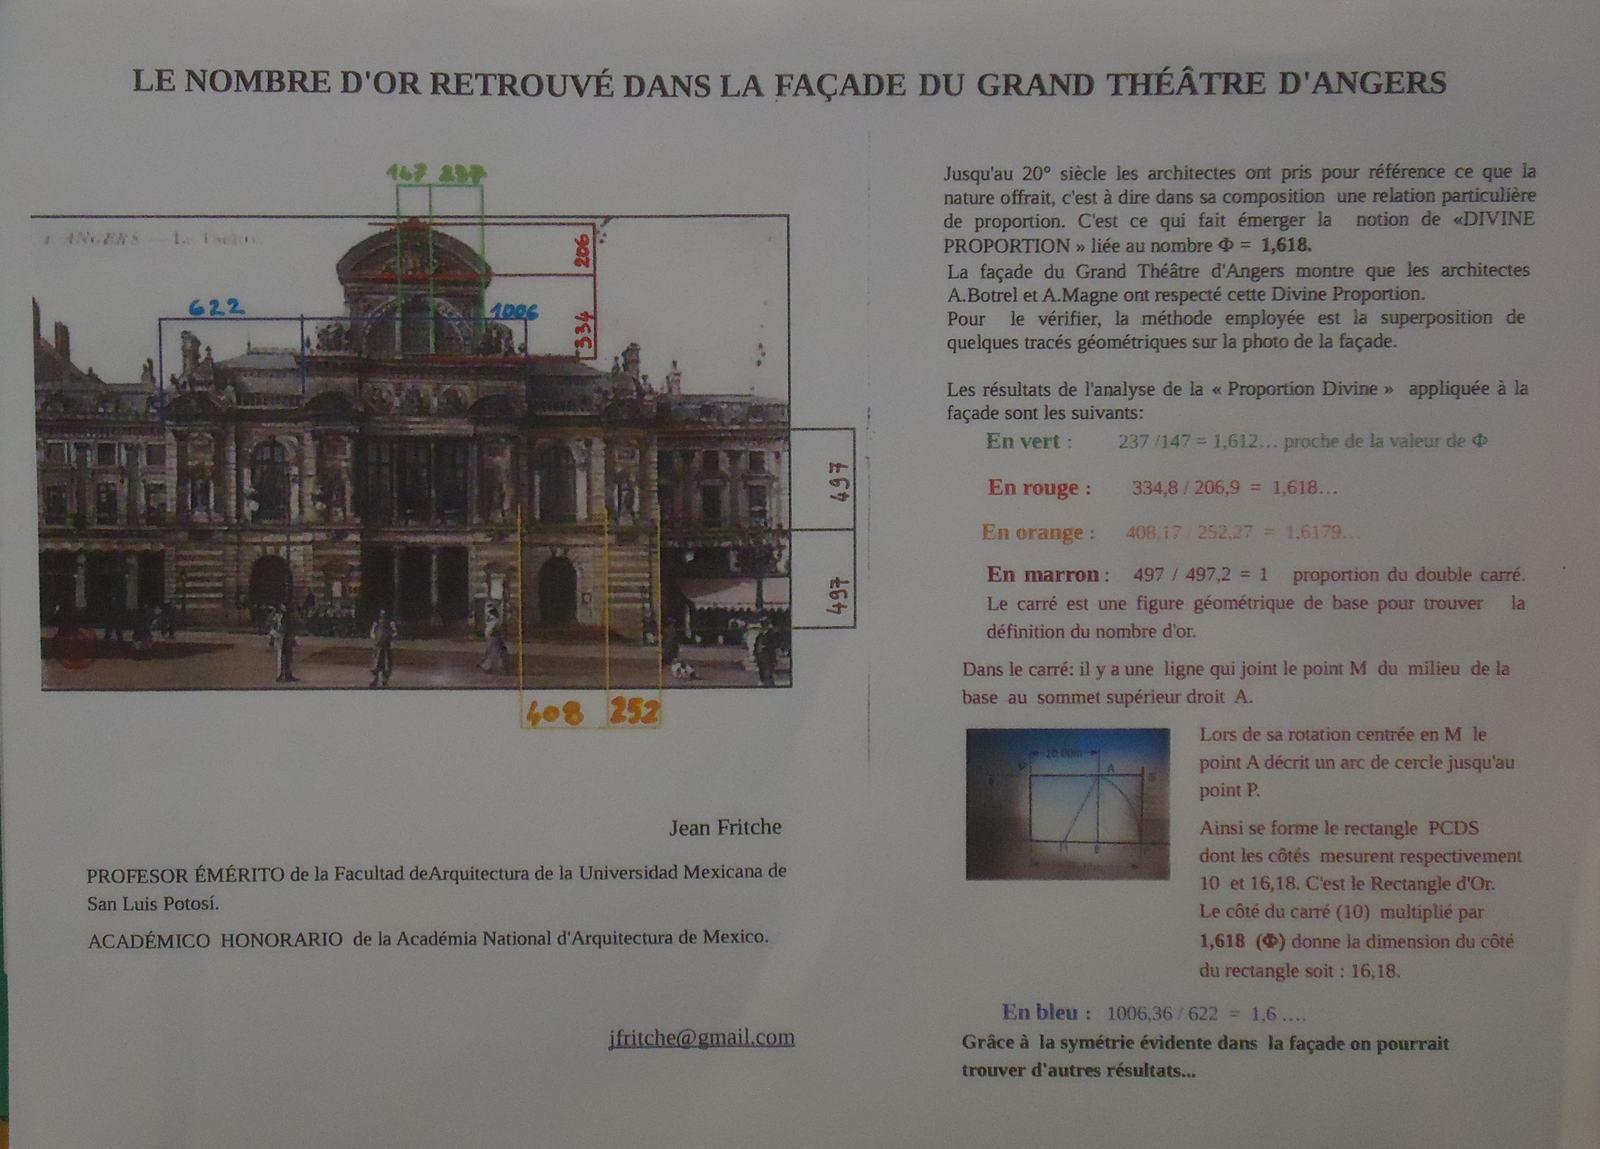 Théâtre d'Angers et le Nombre d'or